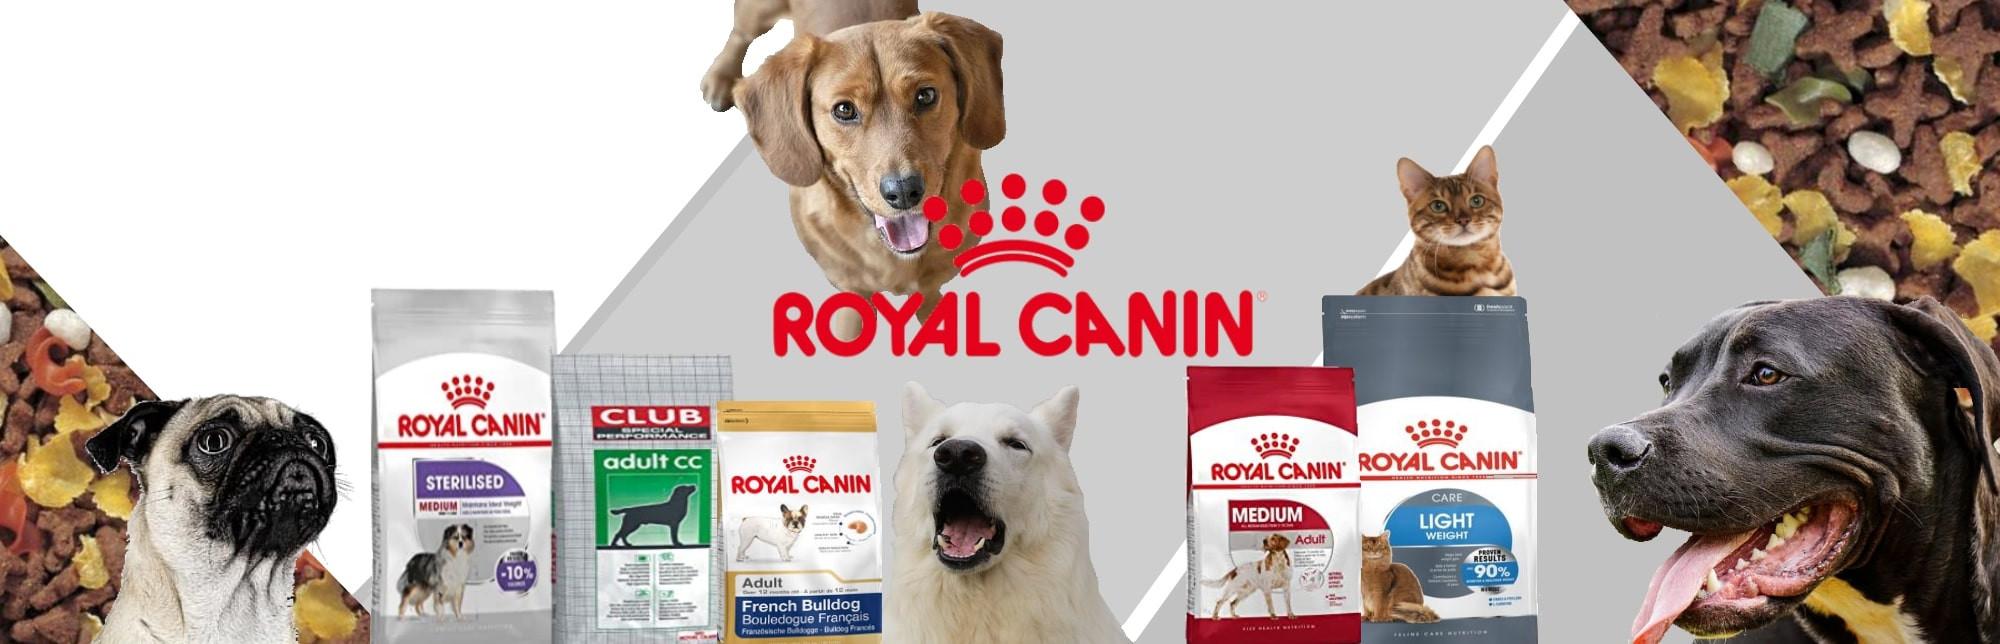 Royal Canin pour chiens et chats